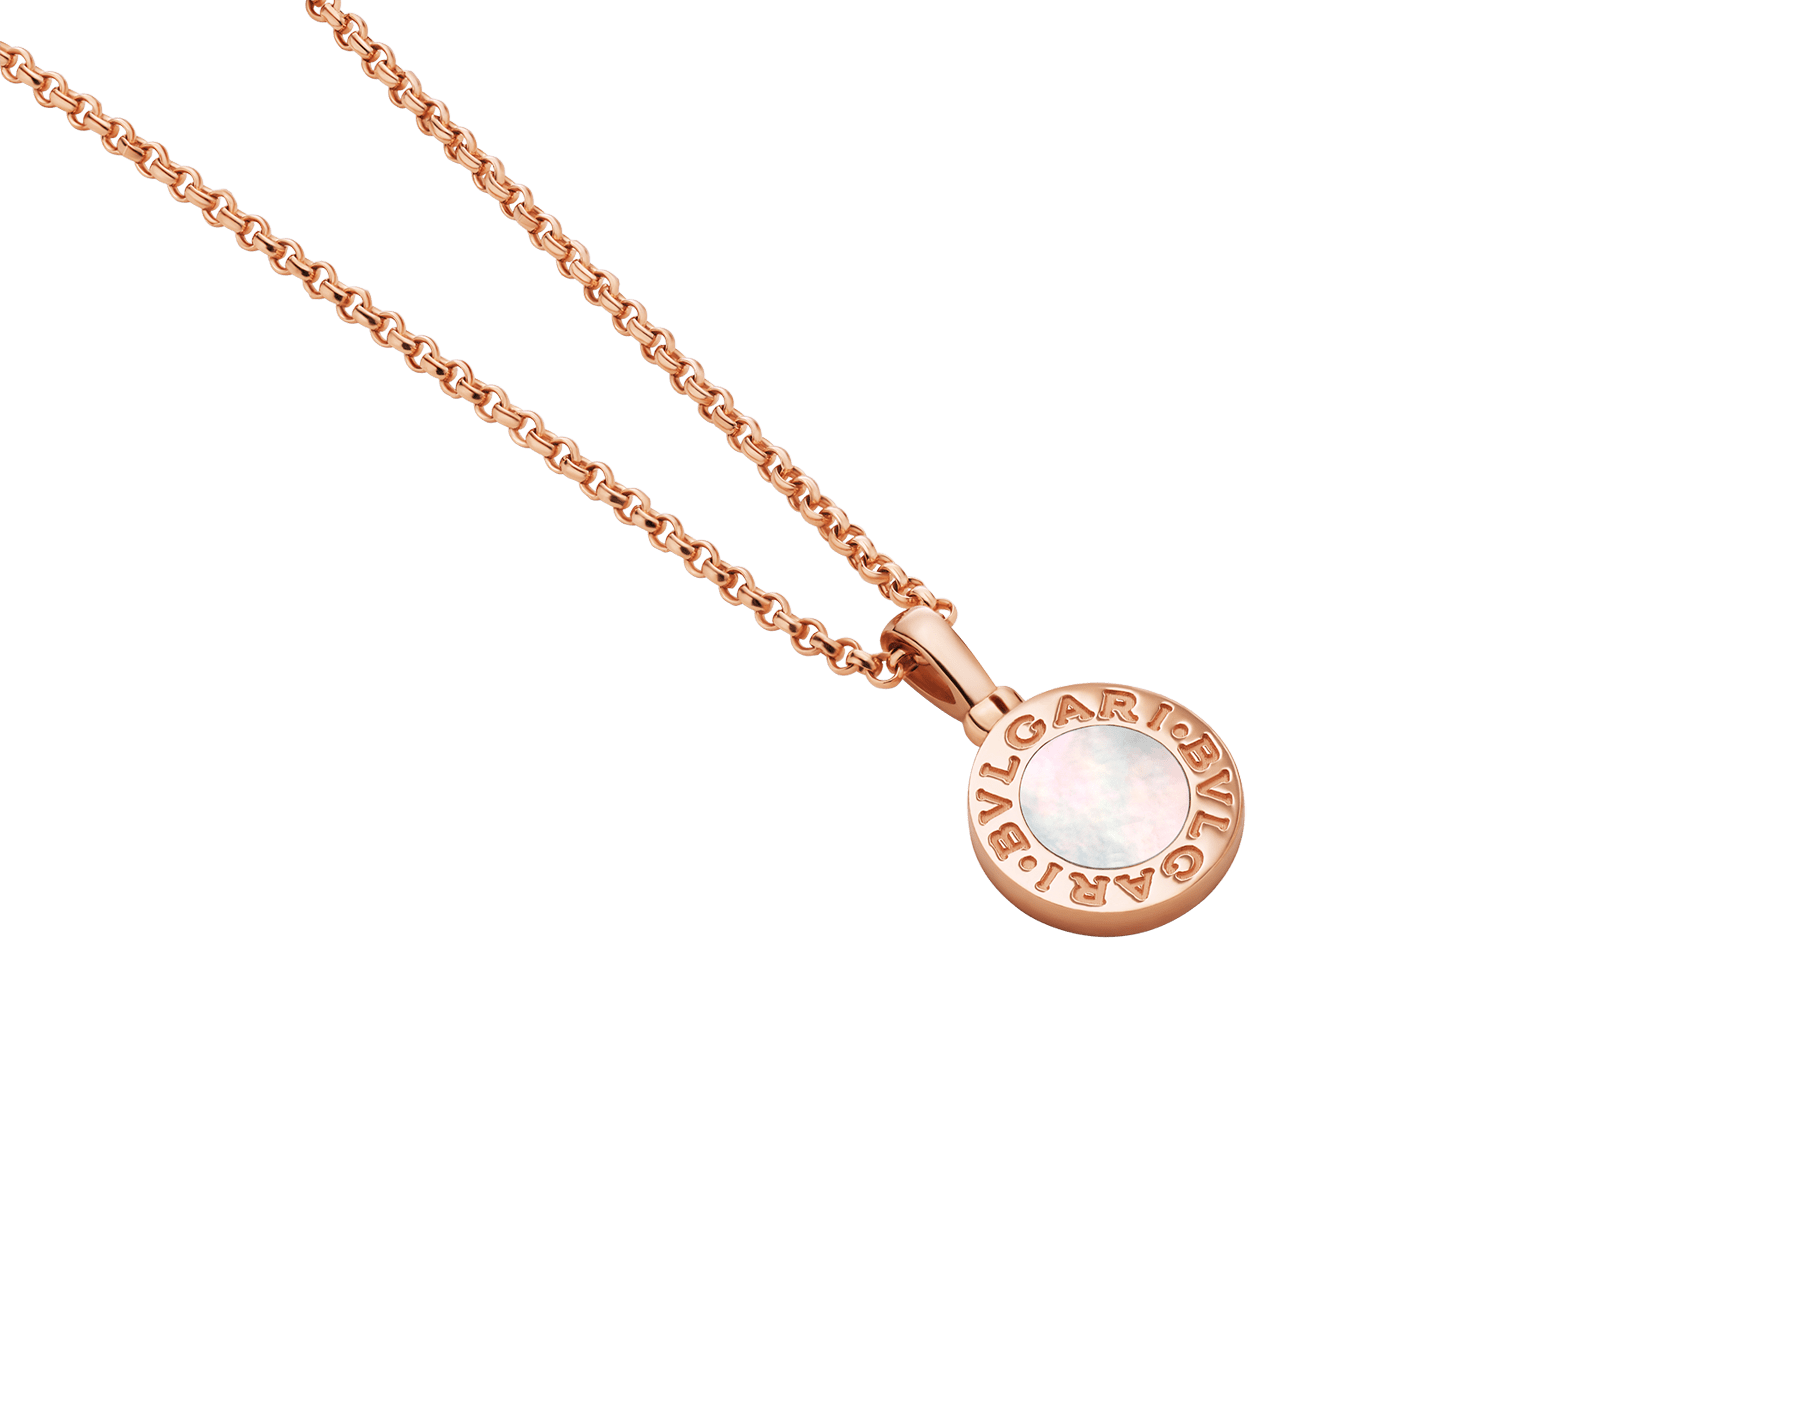 Collar con colgante BVLGARI BVLGARI en oro rosa de 18qt con inserción de madreperla y personalizable con grabado en el reverso 358376 image 3